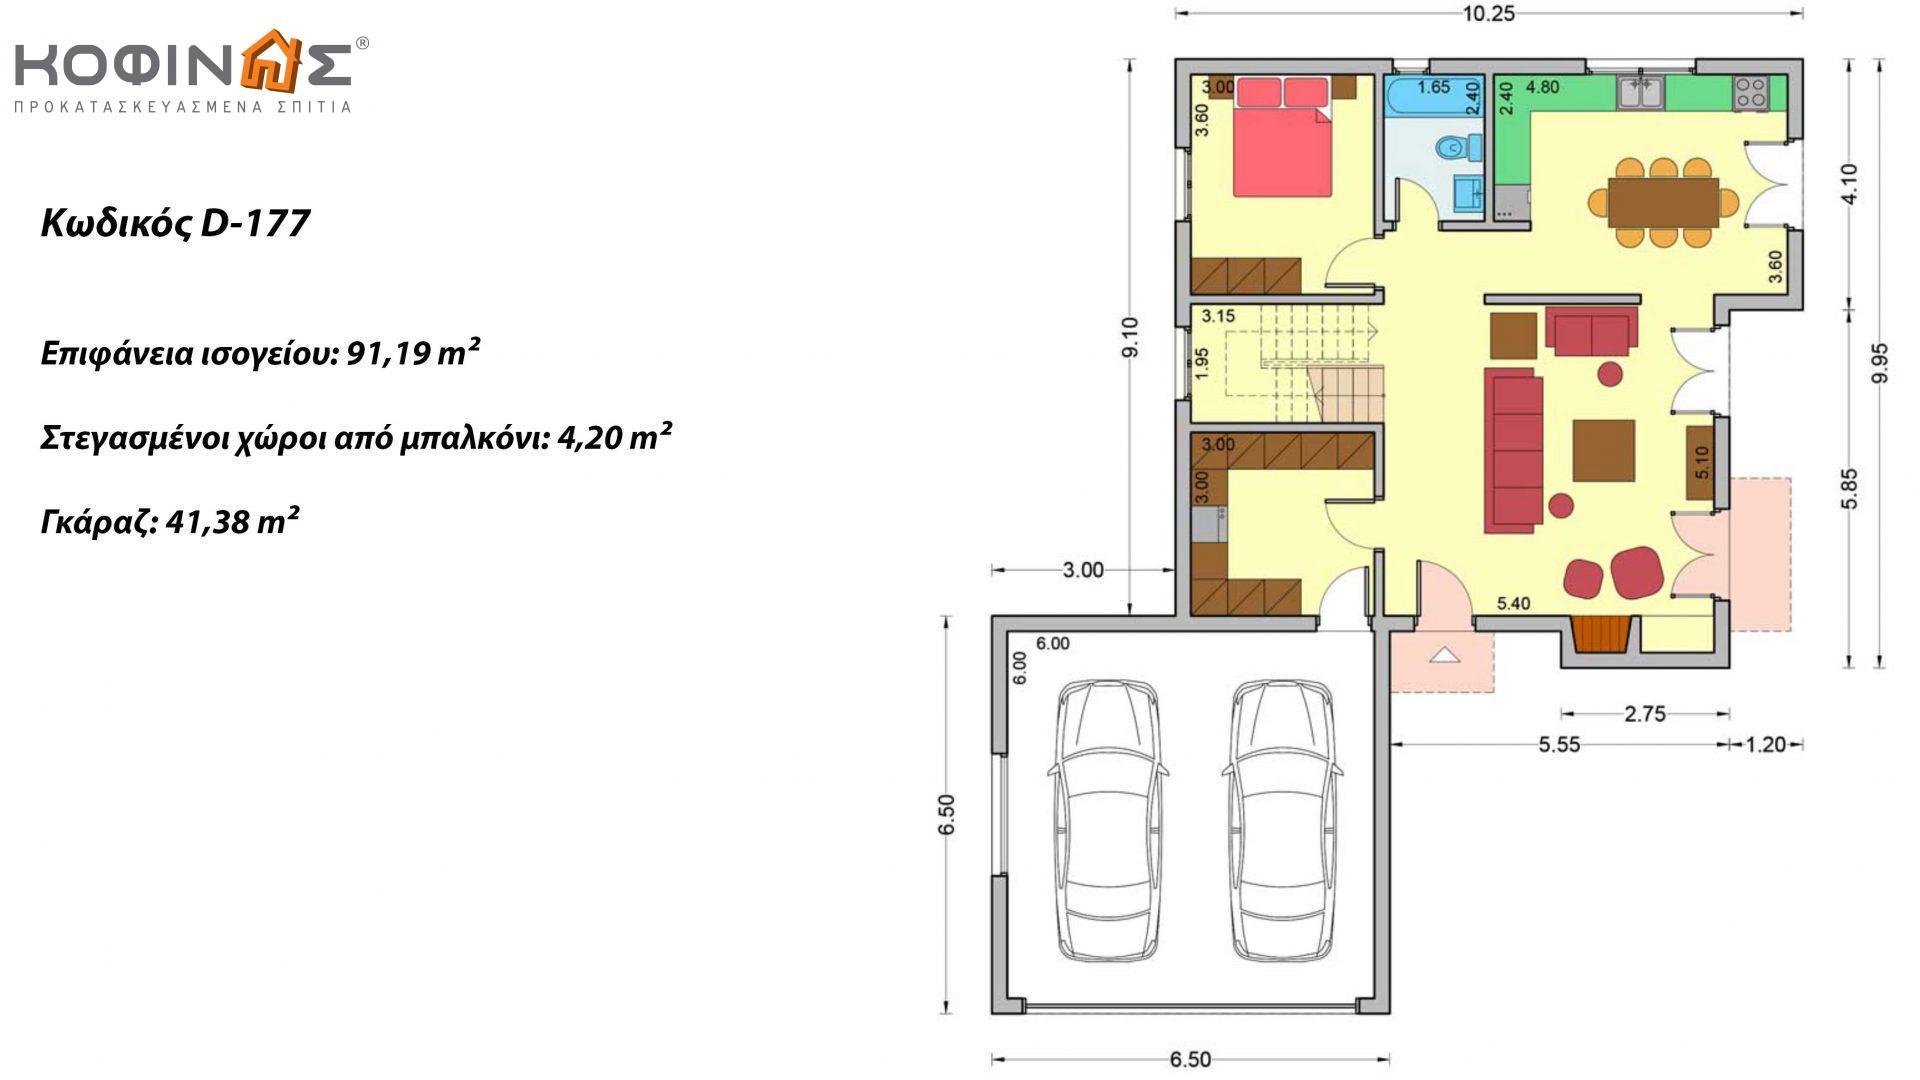 Διώροφη Κατοικία D-177, συνολικής επιφάνειας 177,46 τ.μ., +Γκαράζ 41.38 m²(=218,84 m²),συνολική επιφάνεια στεγασμένων χώρων 4.20 τ.μ., μπαλκόνια 17.04 τ.μ.